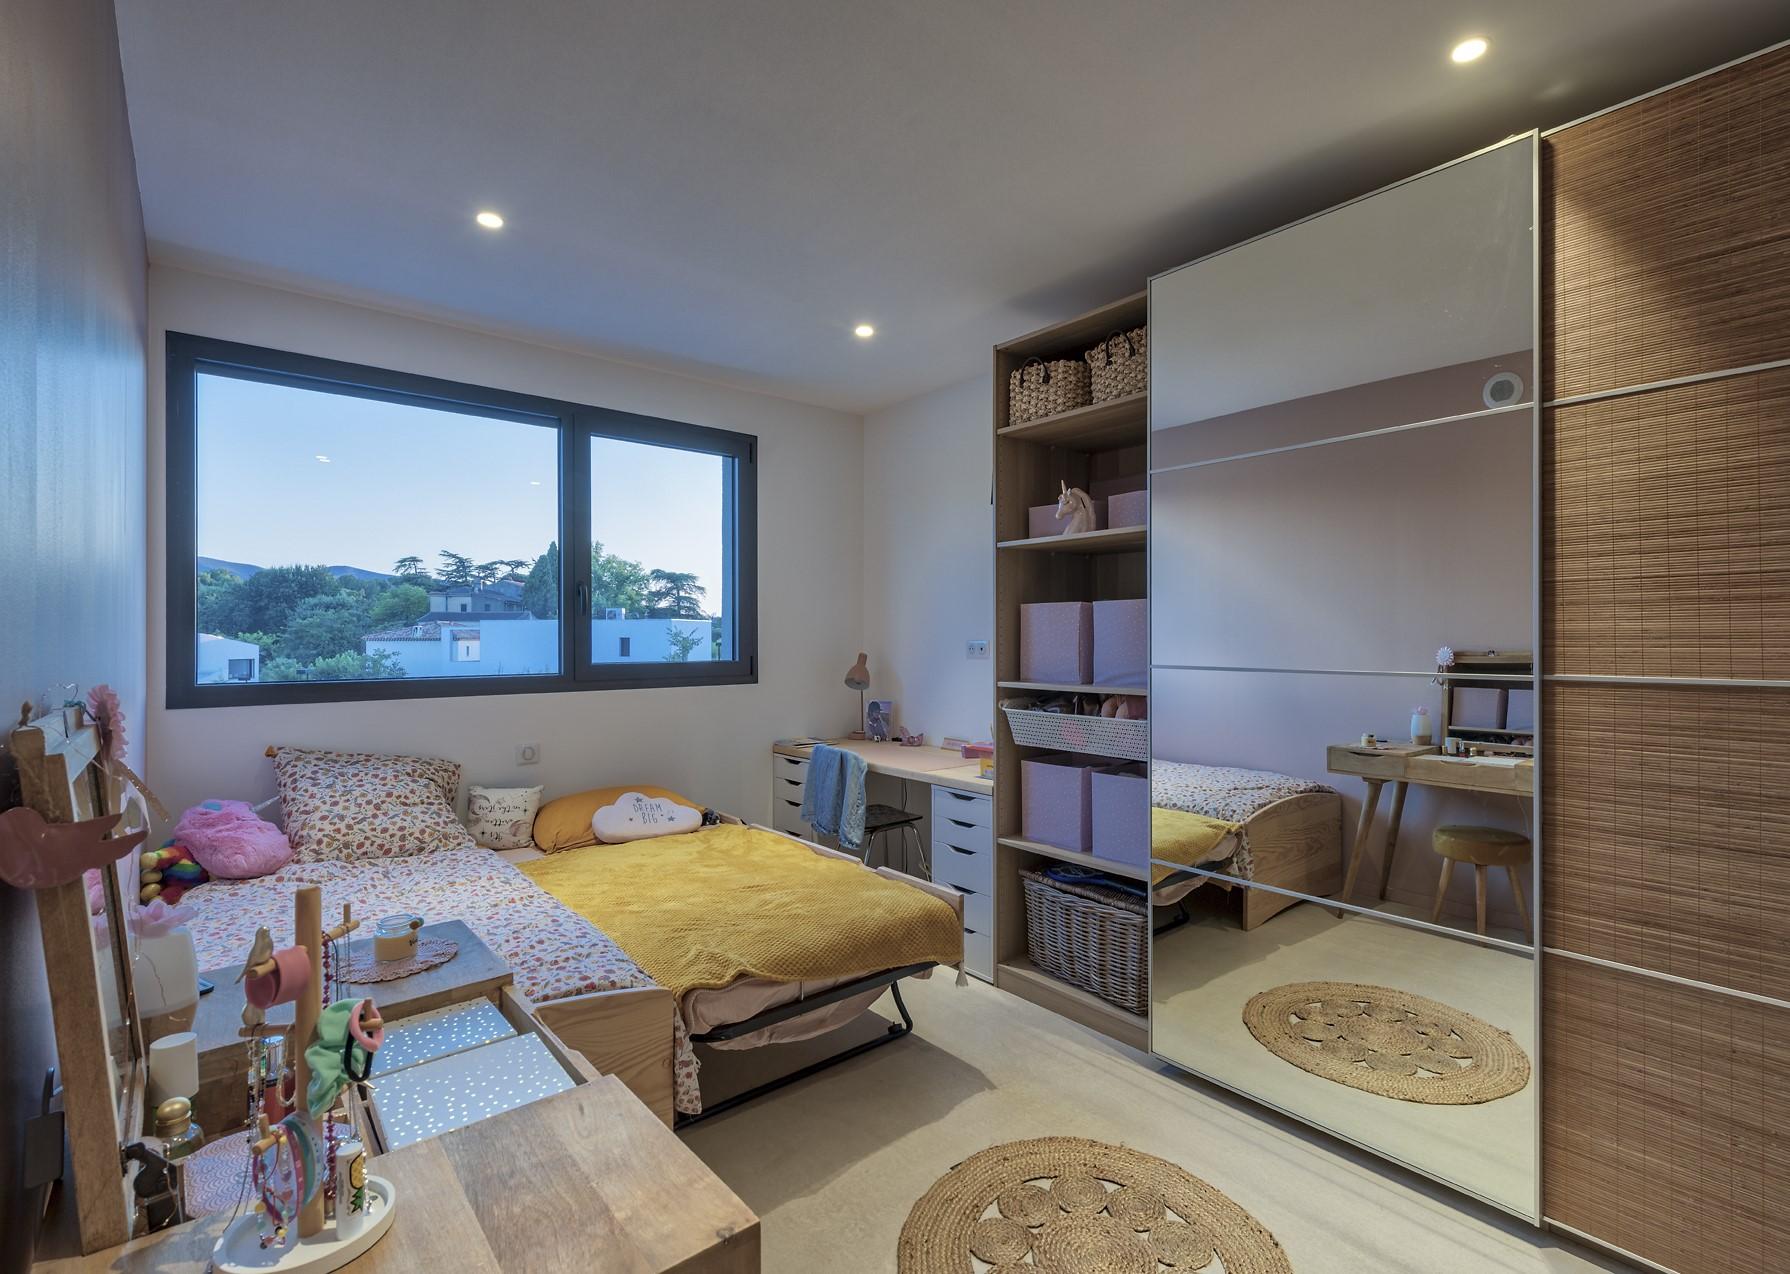 Seconde chambre de la villa privée zeta avec des spots au plafond